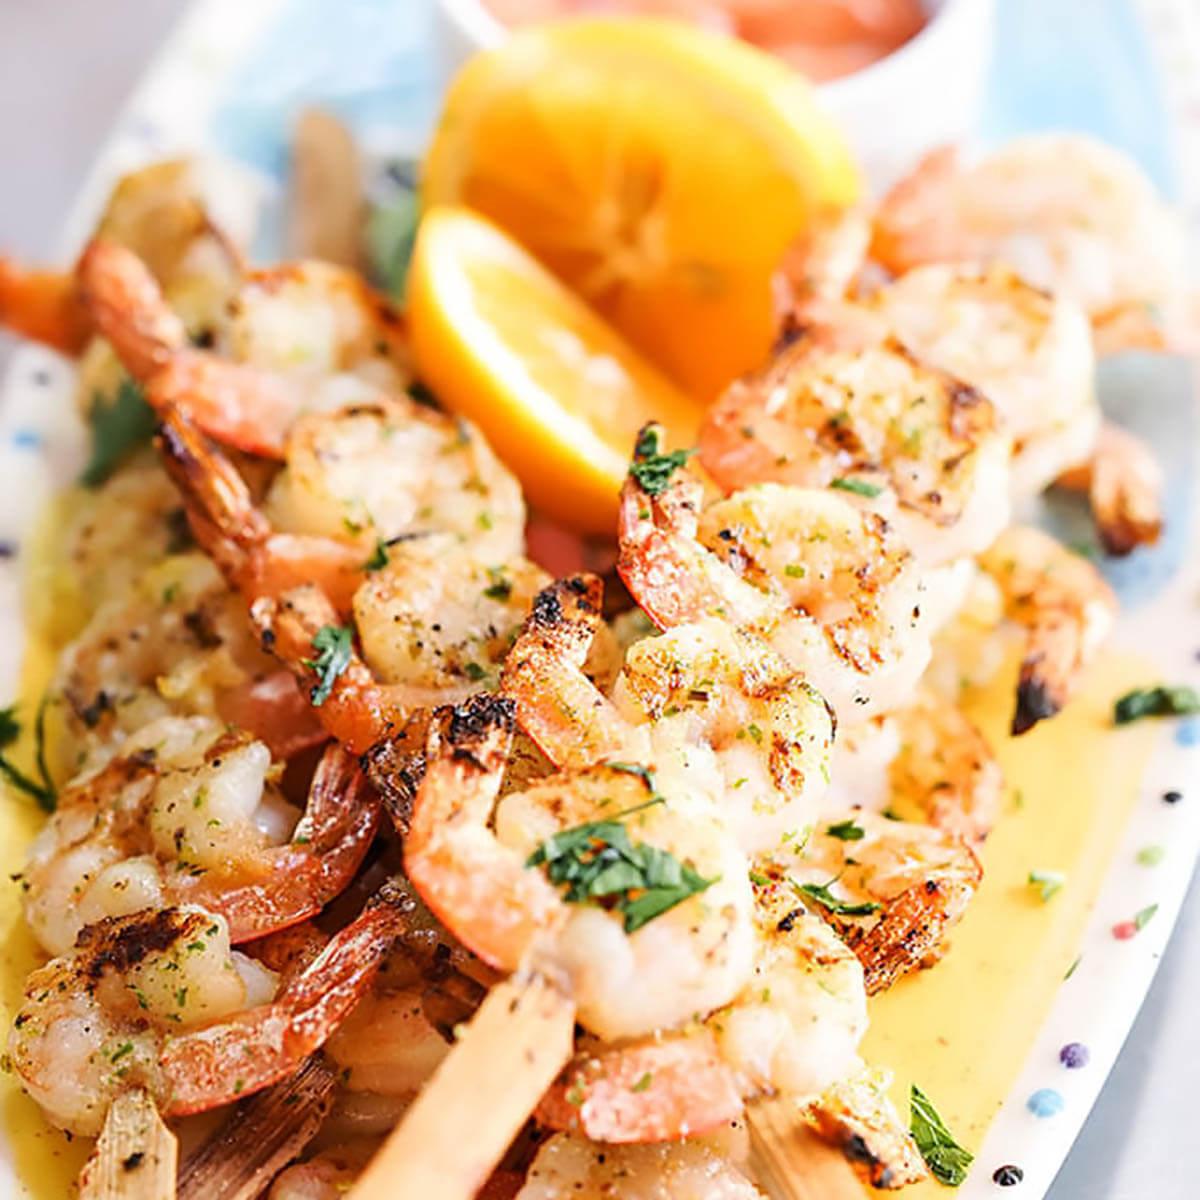 Grilled Shrimp Skewers on platter with lemon.